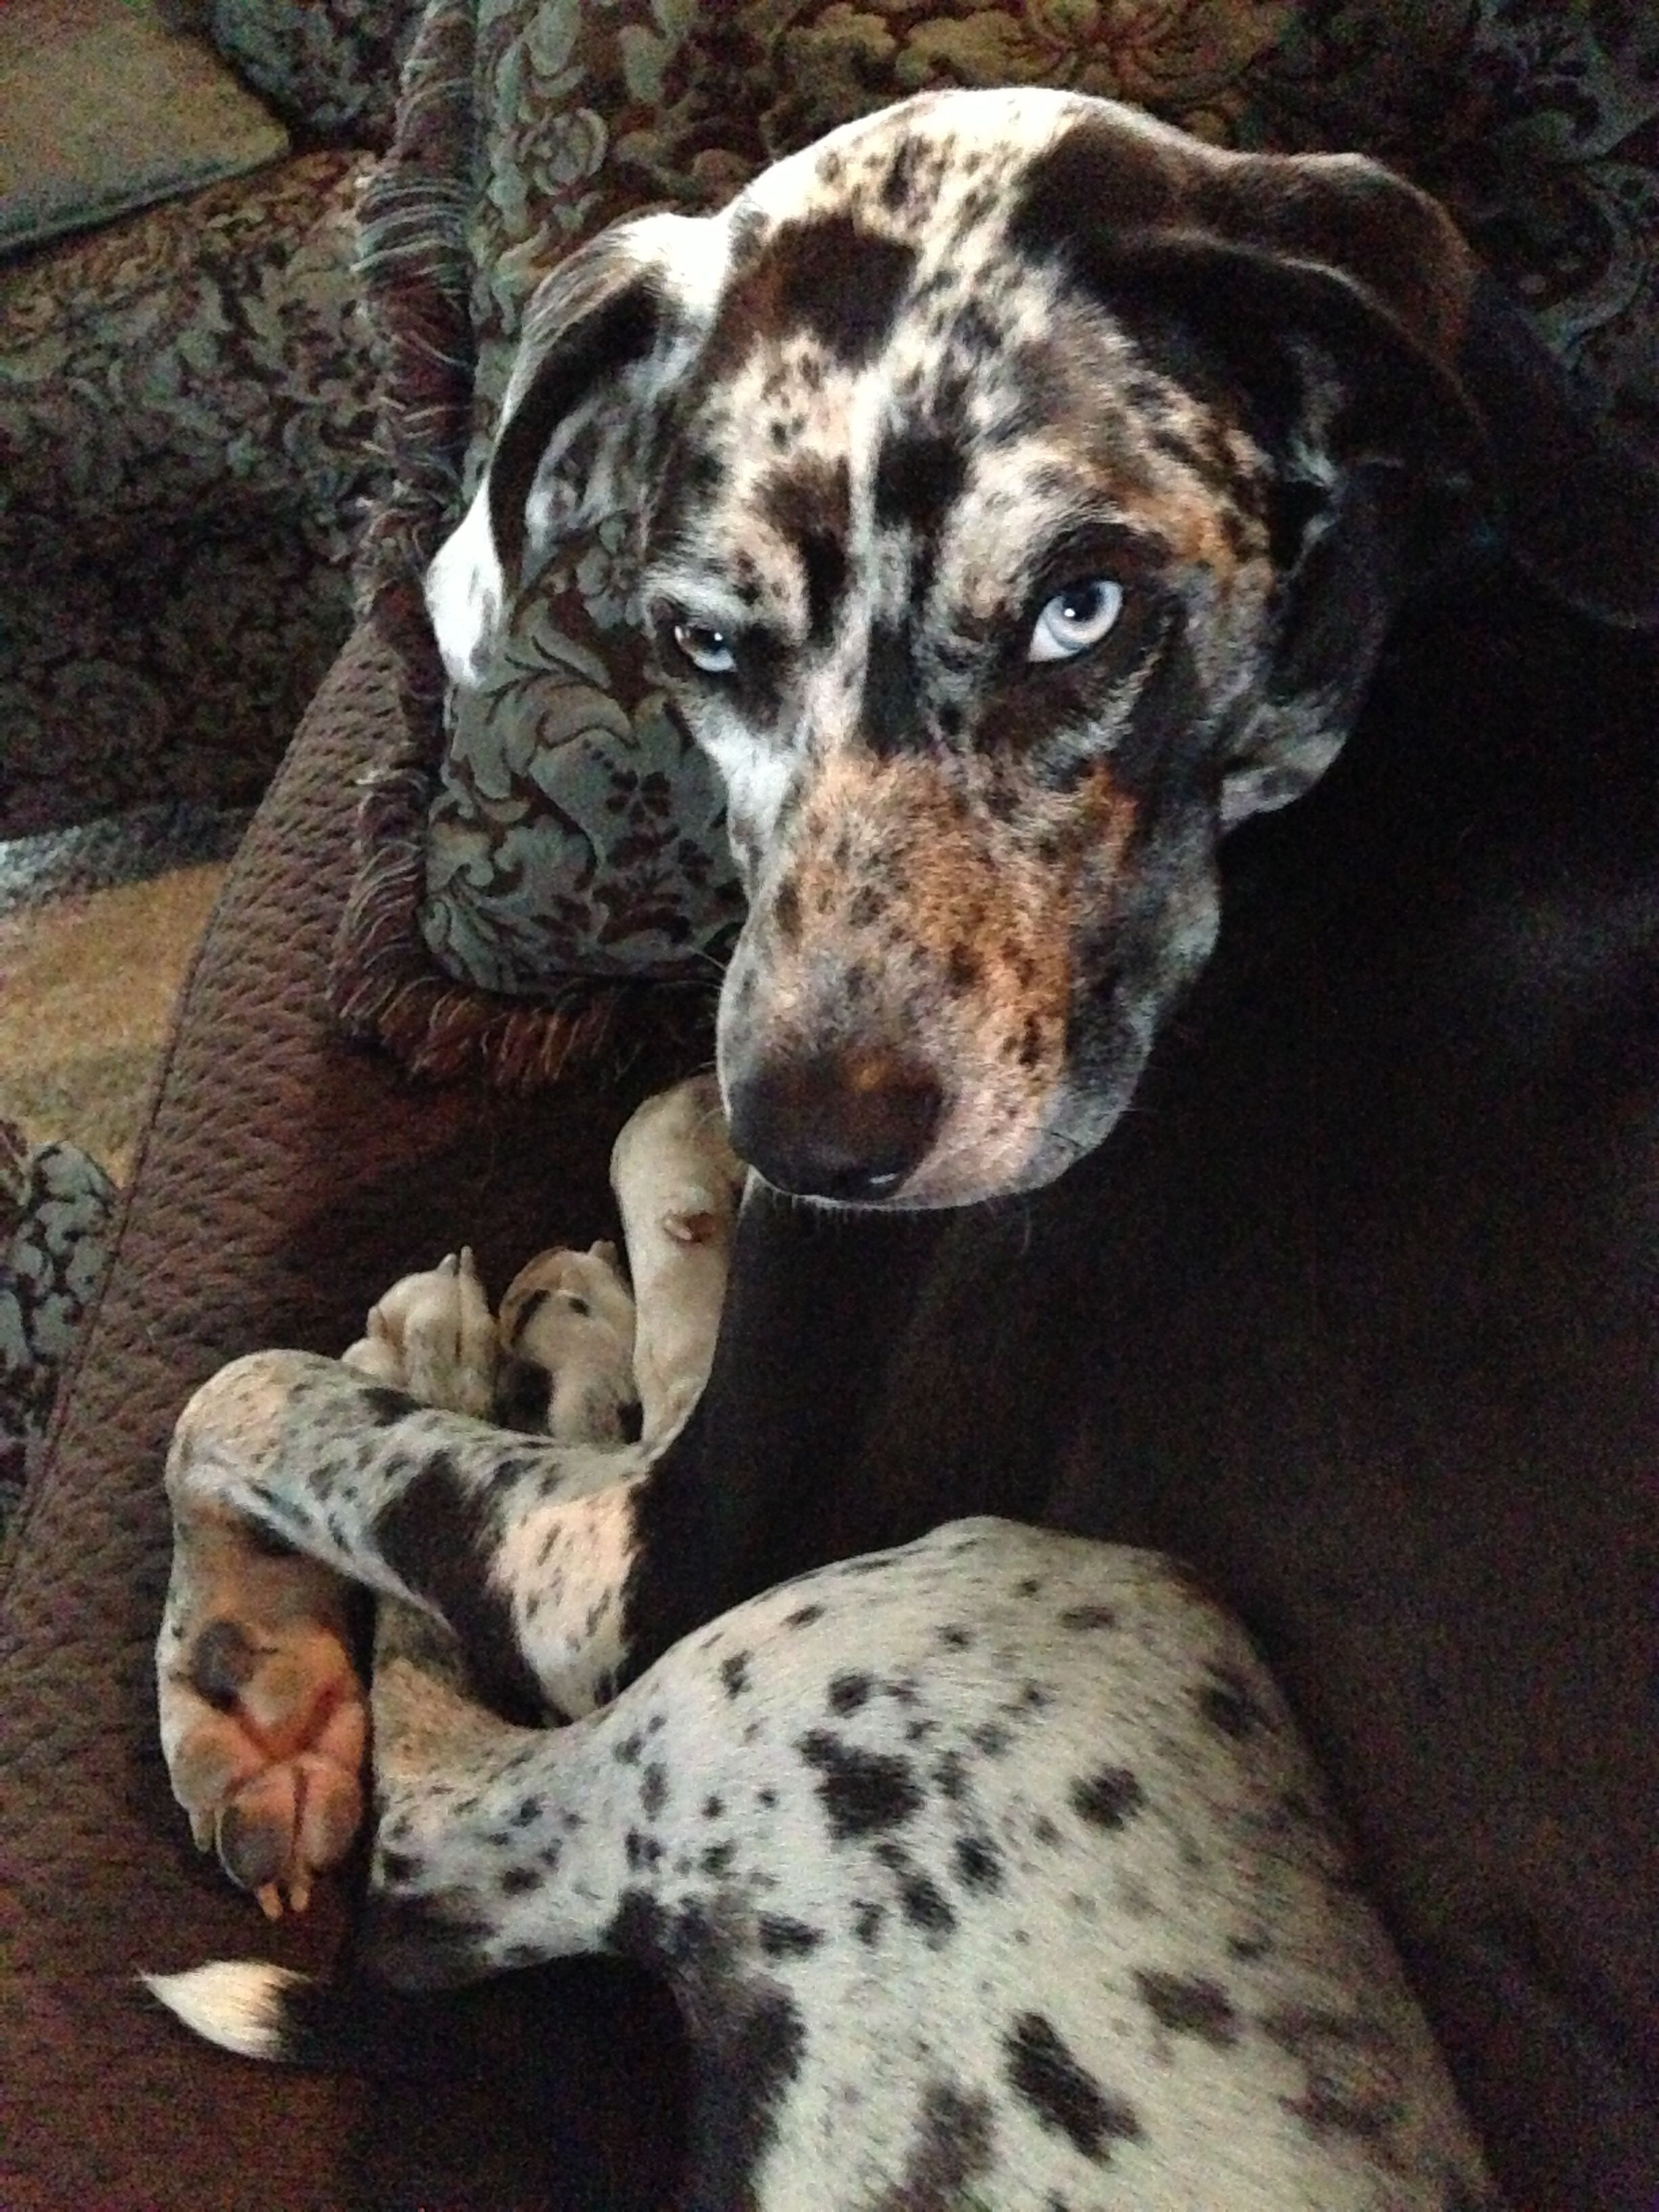 I Love My Catahoula Catahoula Leopard Dog Puppy Catahoula